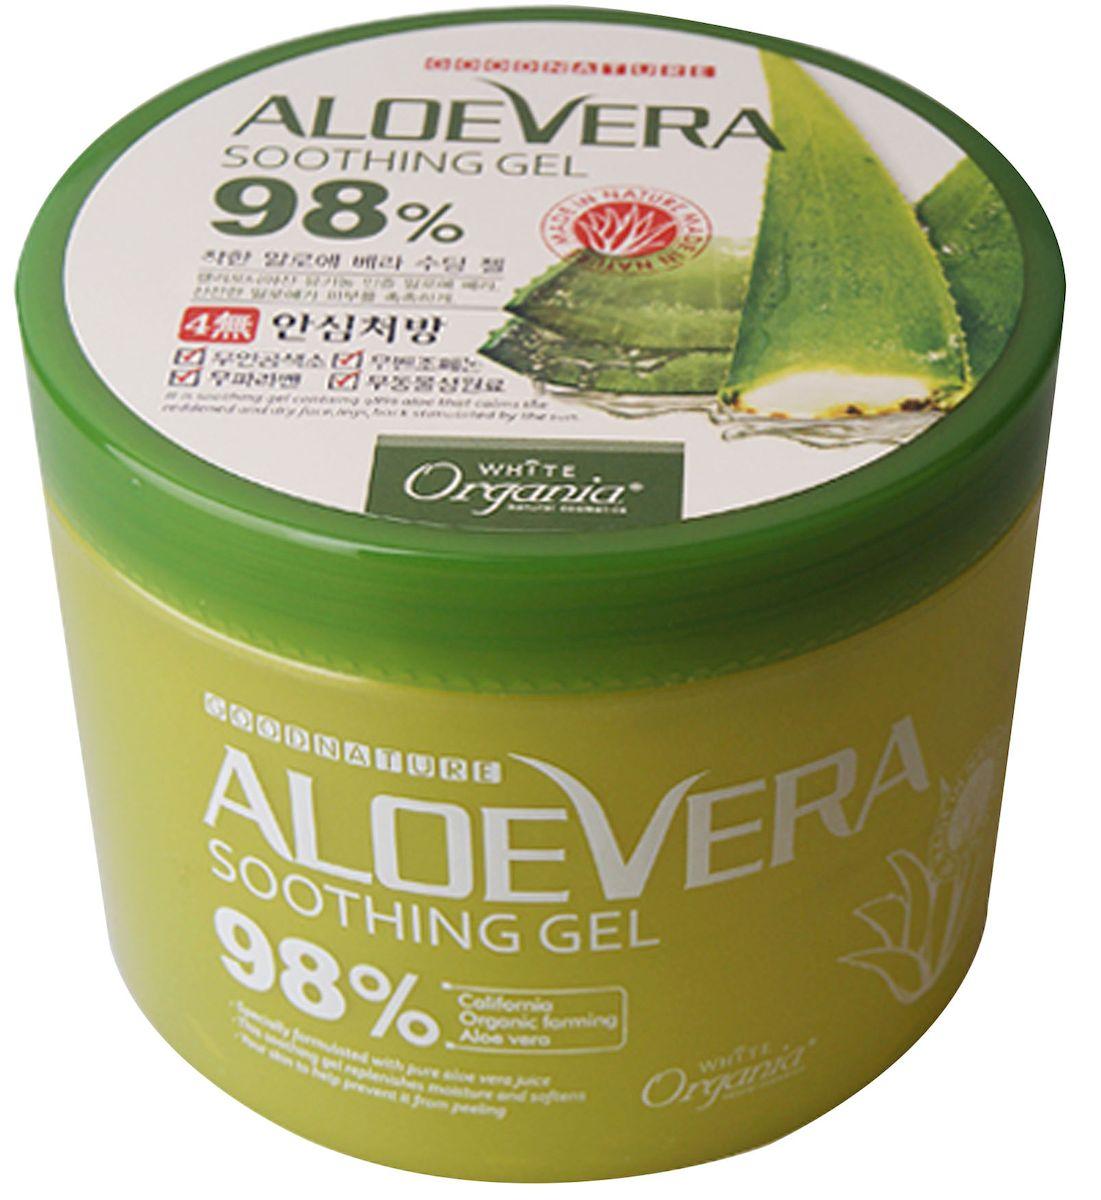 Whitecospharm Успокаивающий гель с натуральным соком алоэ вера White Organia, 500 млFS-00897Гель обогащен органическим соком алоэ вера высокой концентрации, моментально оказывает успокаивающее и охлаждающее действия на кожу. Насыщает и питает кожу ценными микроэлементами, содержащимися в алоэ вера.- Алоэ вера содержит витамины A, B, C, E, а также аминокислоты, энзимы и минералы. Глубоко увлажняет кожу, успокаивает, заживляет, восстанавливает естественный защитный слой кожи и оказывает мощное антиоксидантное воздействие- Гель идеально подойдет в качестве средства после загара, средства после бритья или в качестве охлаждающей экспресс-маски для лица, в том числе – кожи векСпособ применения: нанести небольшое количество геля на кожу, распределить легкими массажными движениями и дать впитаться. Гель рекомендуется хранить в холодильнике.Меры предосторожности: при появлении раздражения на коже прекратите использование и обратитесь к врачу. При попадании средства в глаза промойте их проточной водой. Храните в недоступном для детей месте.